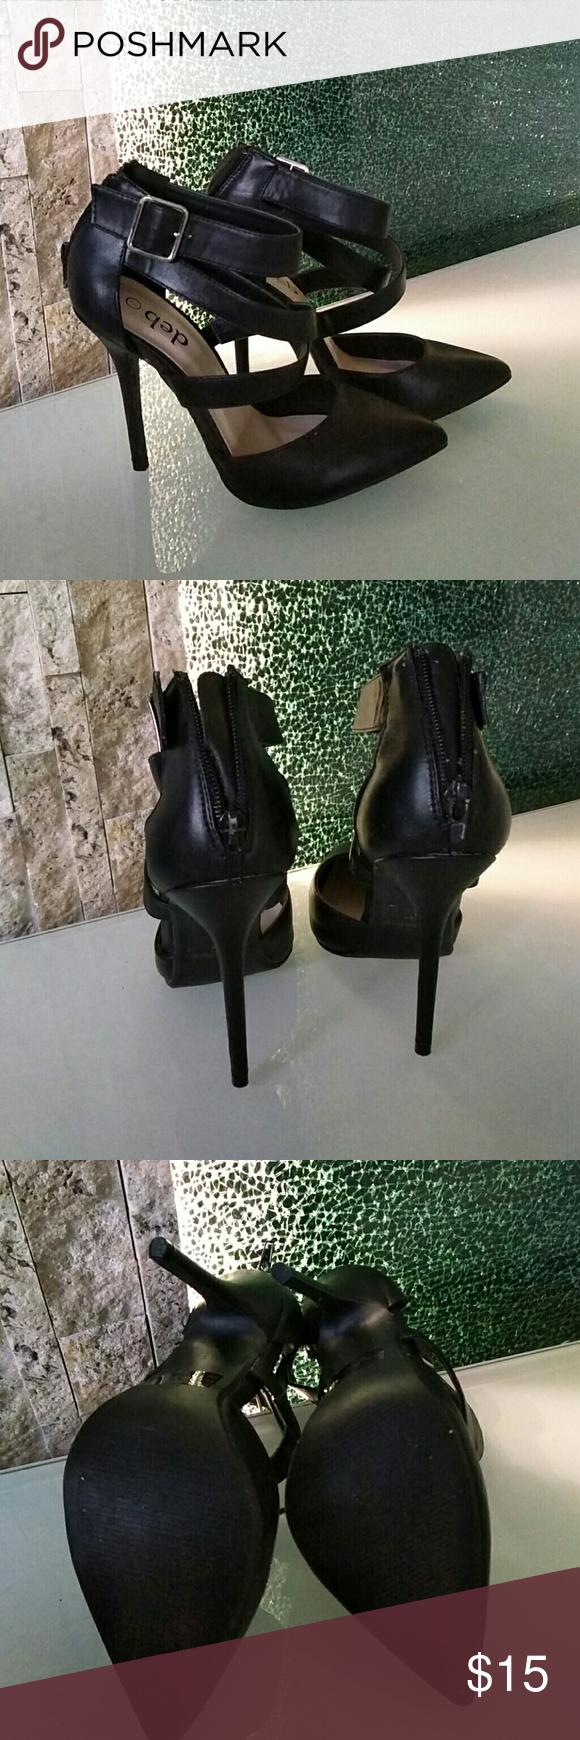 """Synthetic black heels Never worn 4.5"""" heels Deb Shoes Heels"""